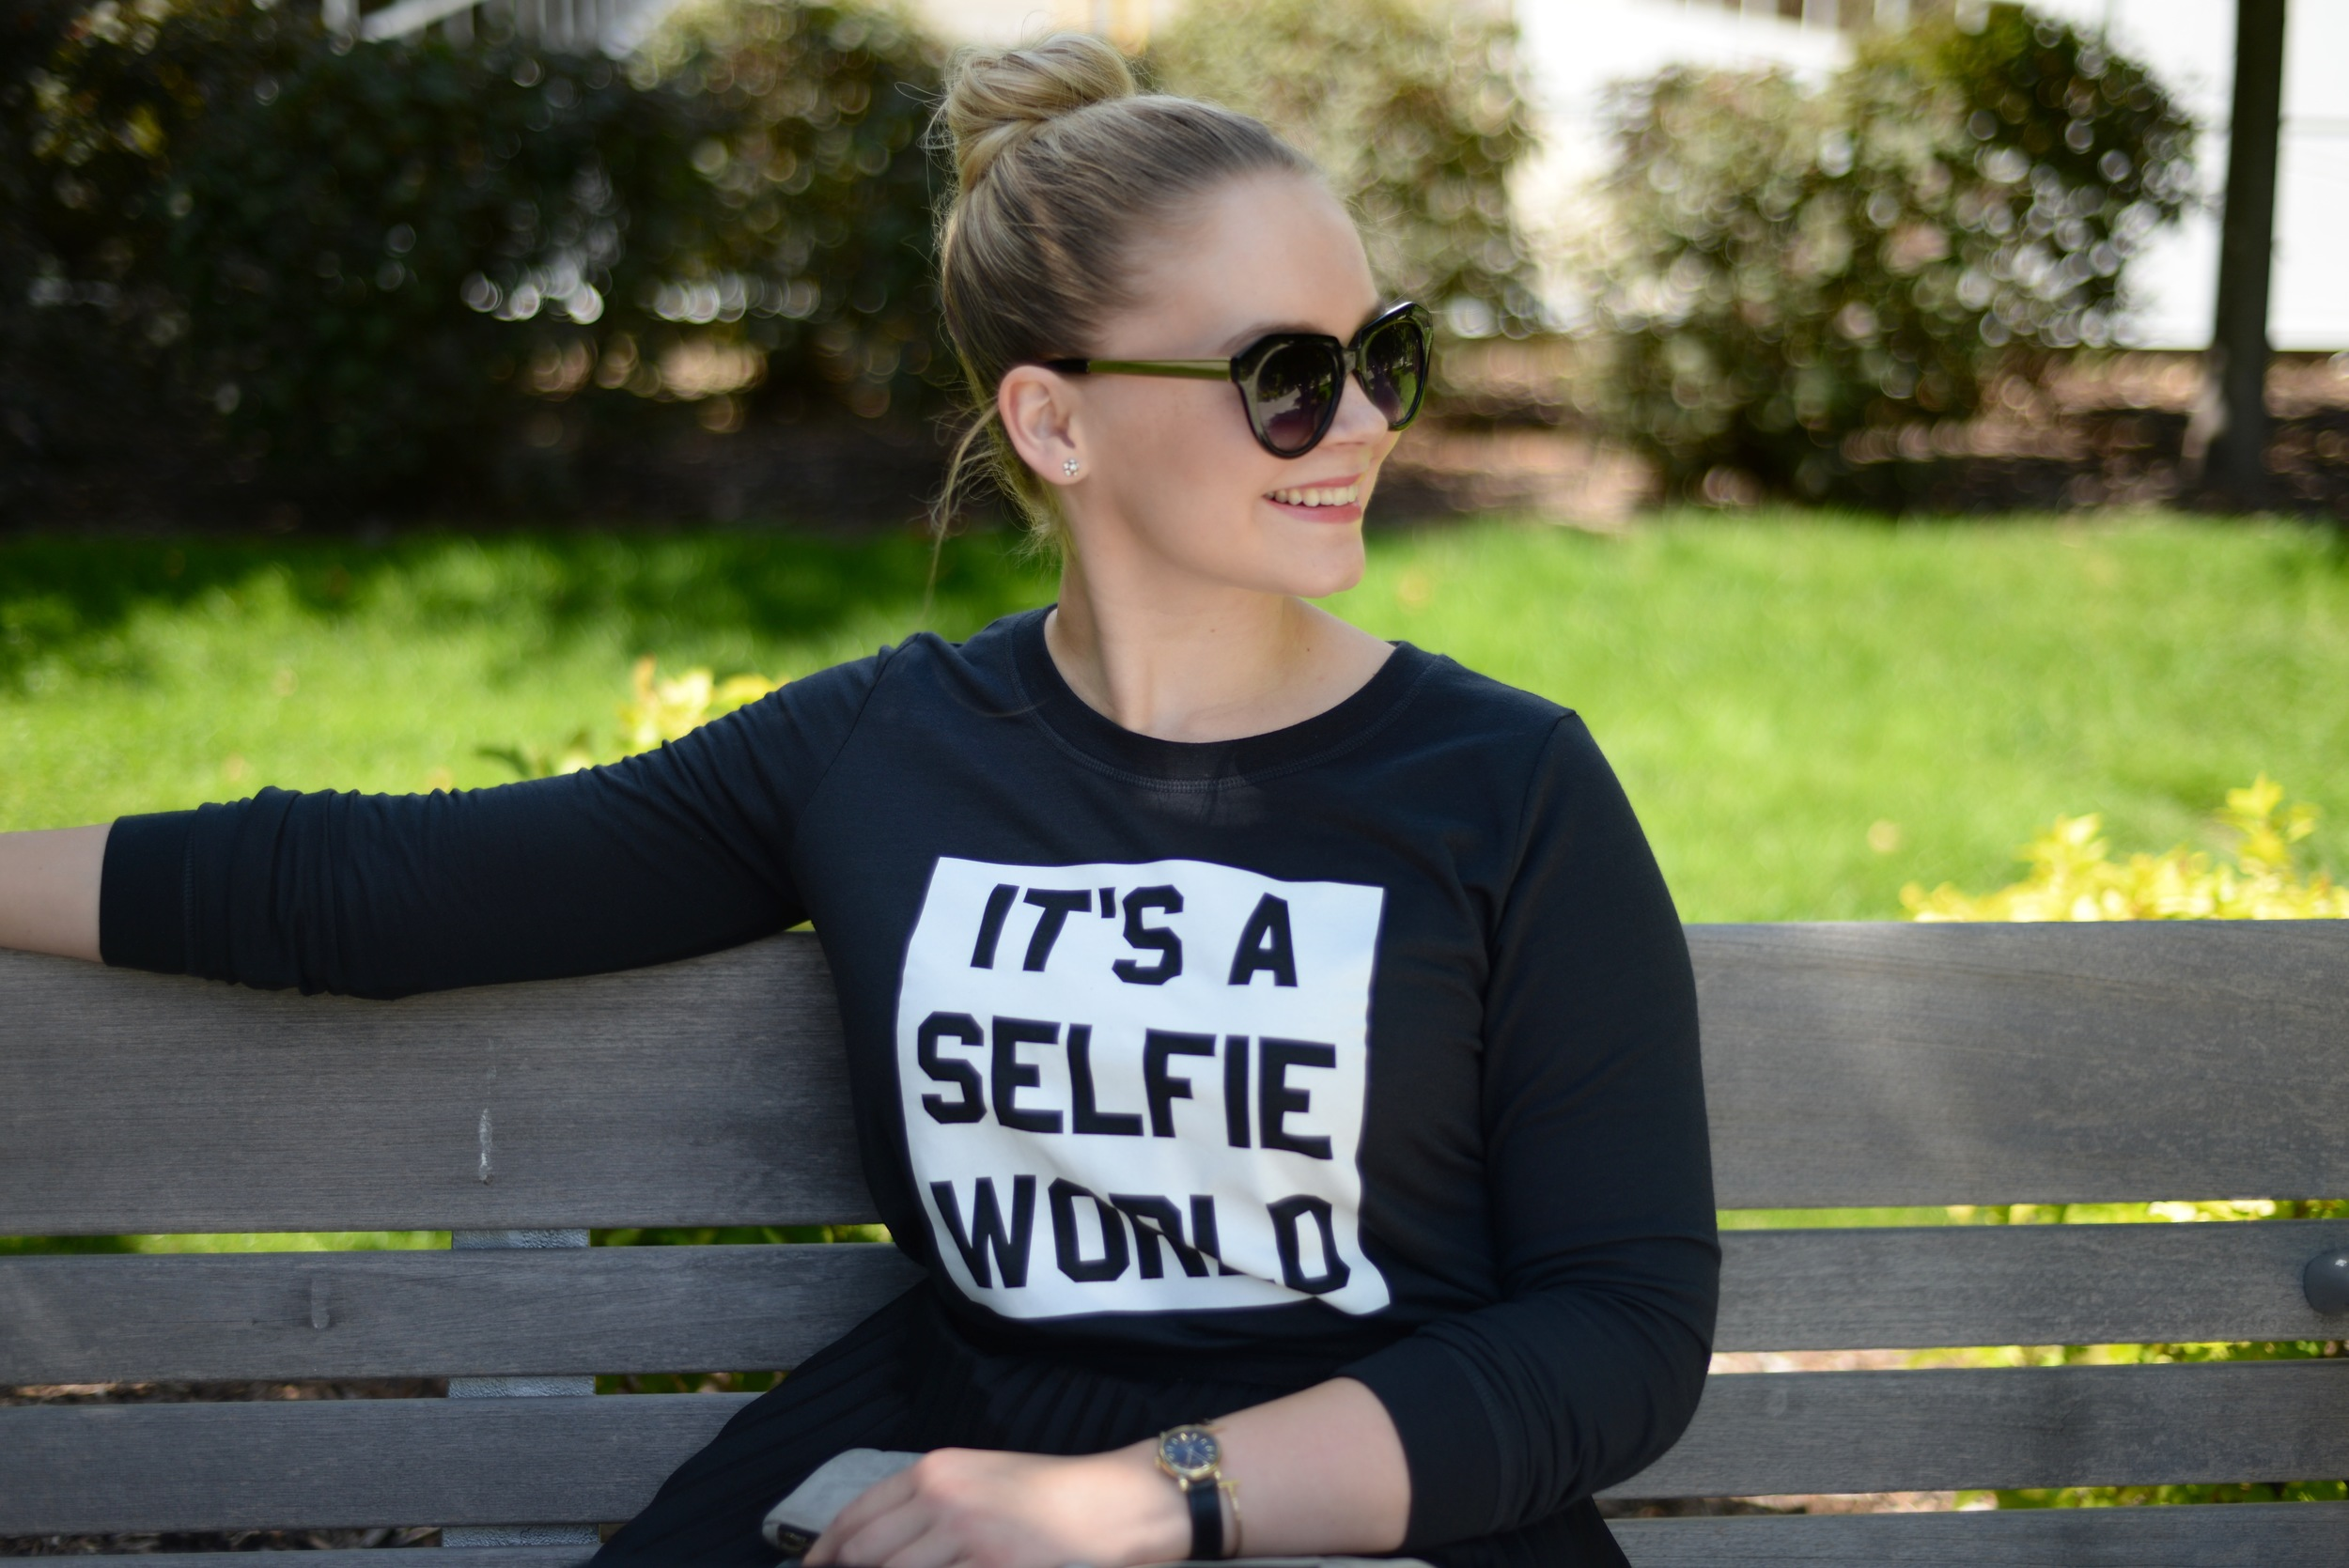 it's a selfie world top black